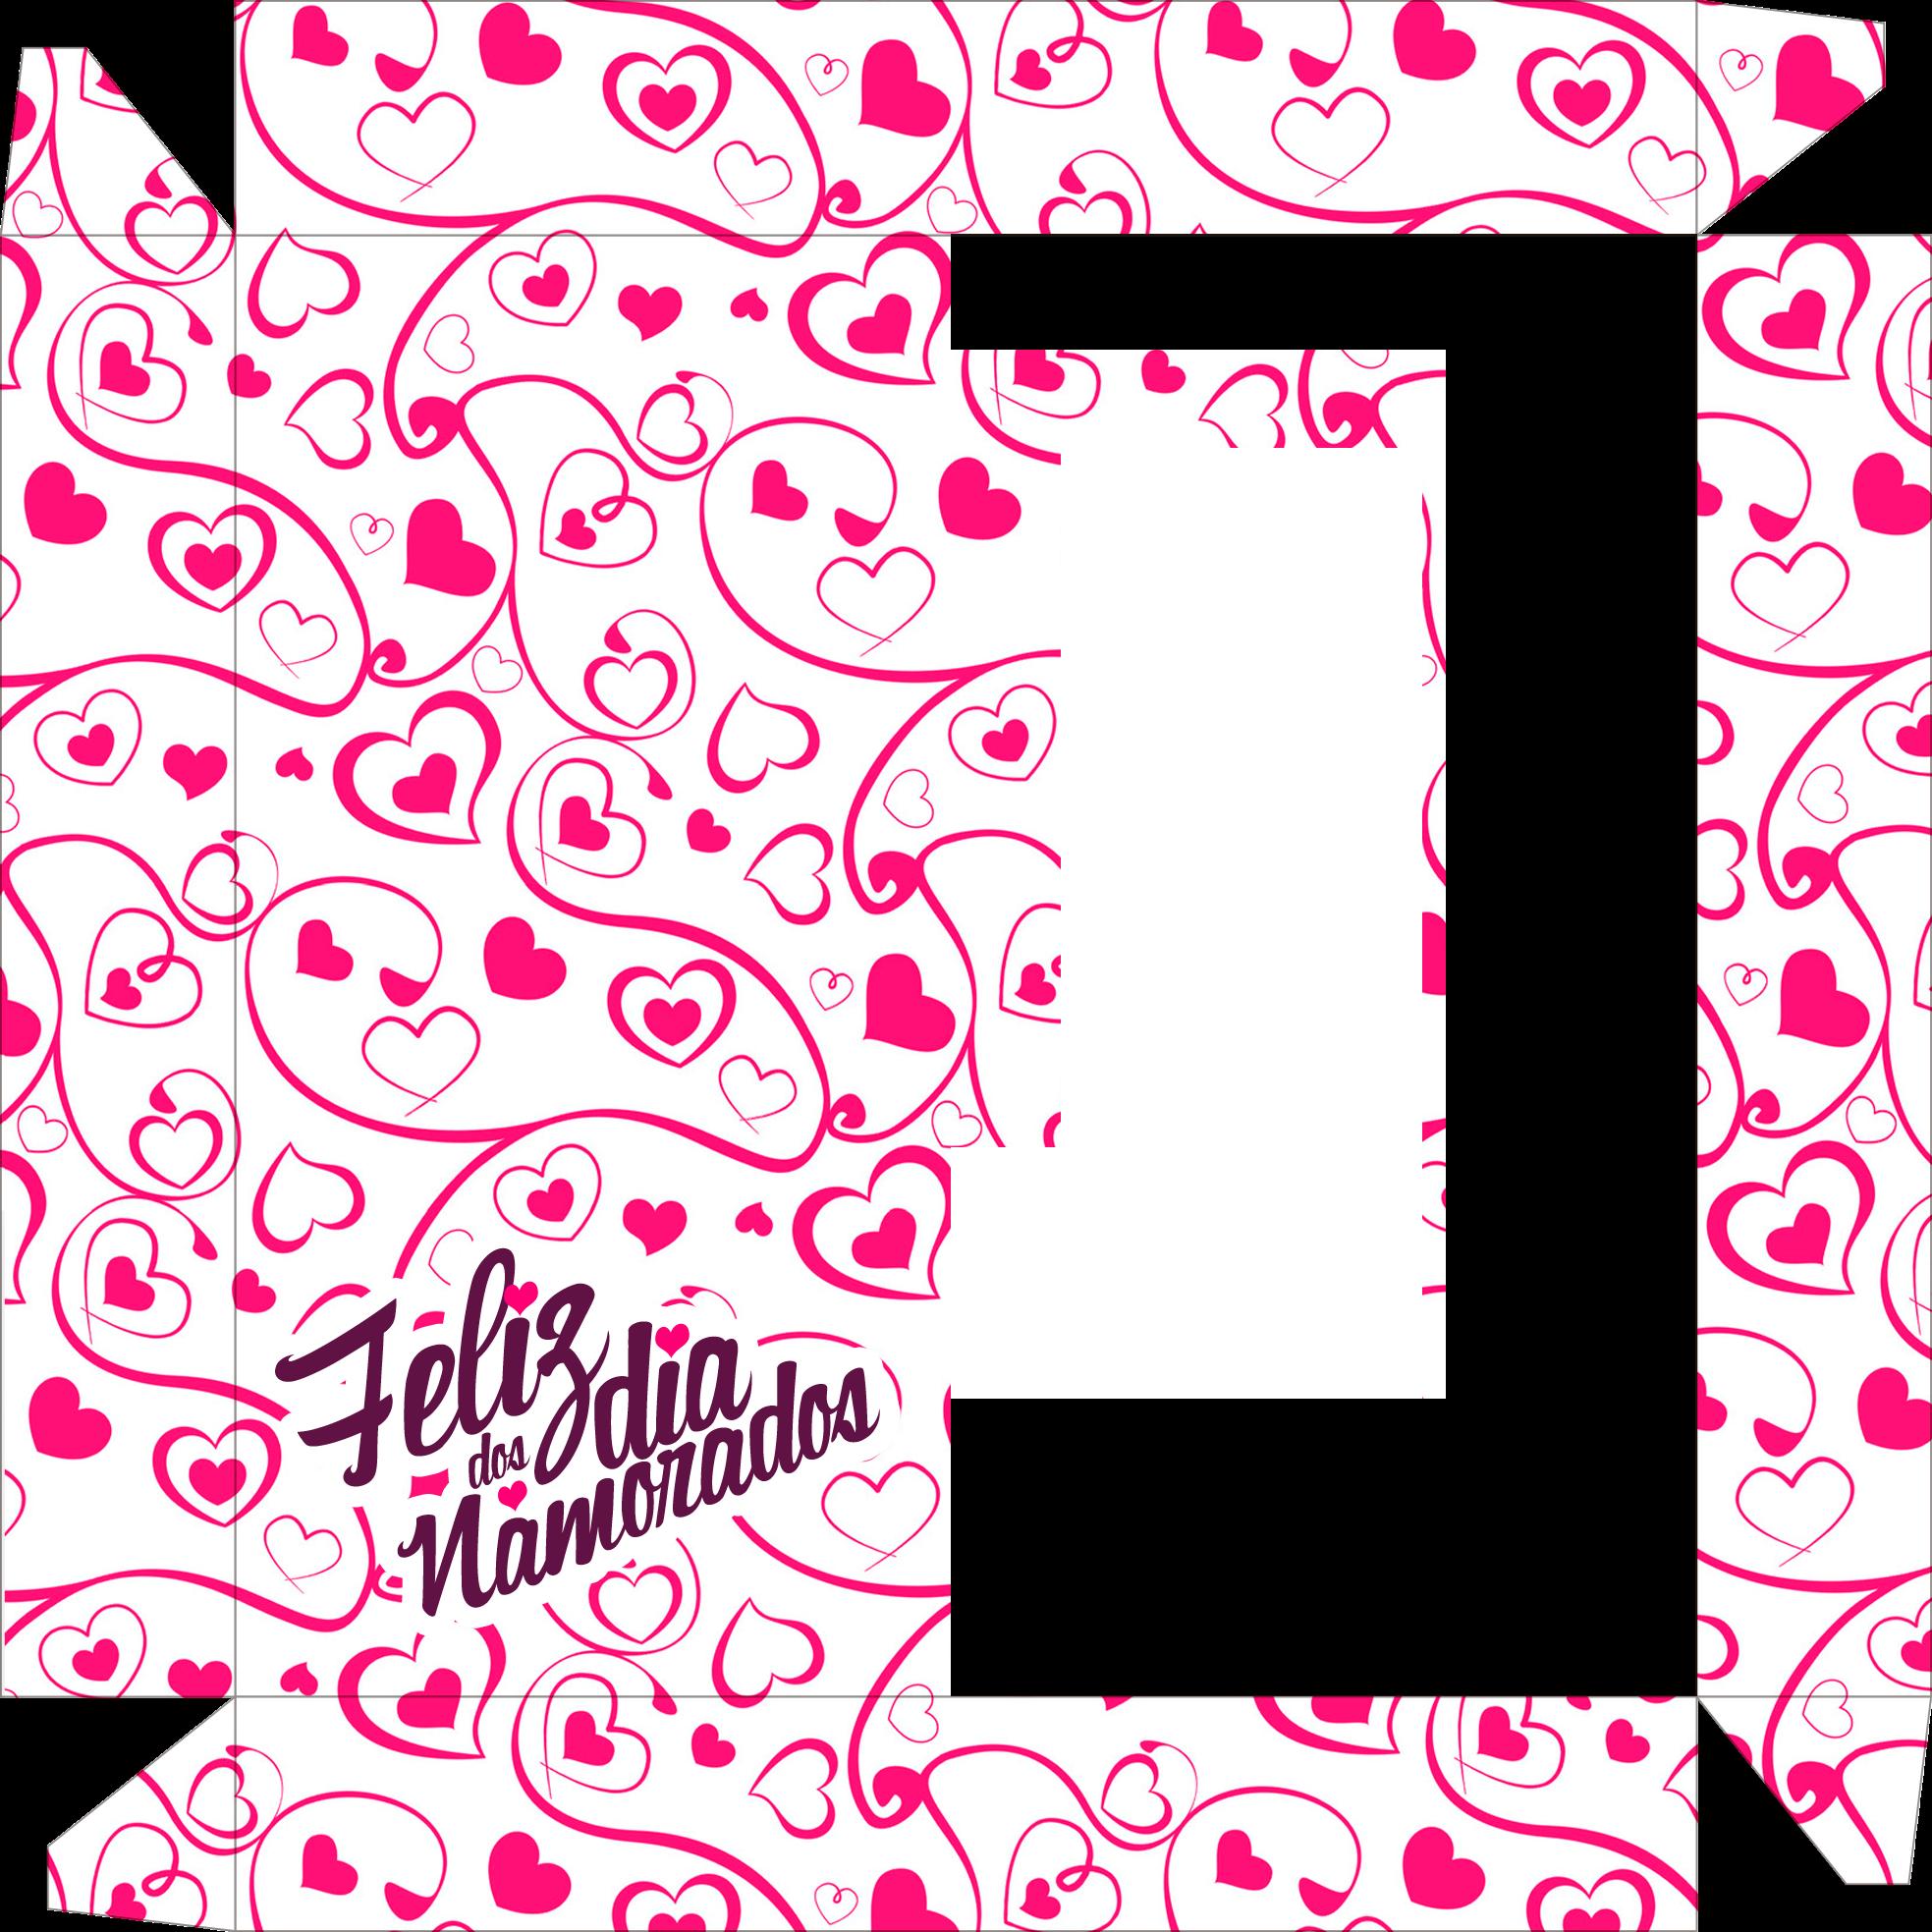 Caixa de Bombom Dia dos Namorados 5 - Parte de baixo